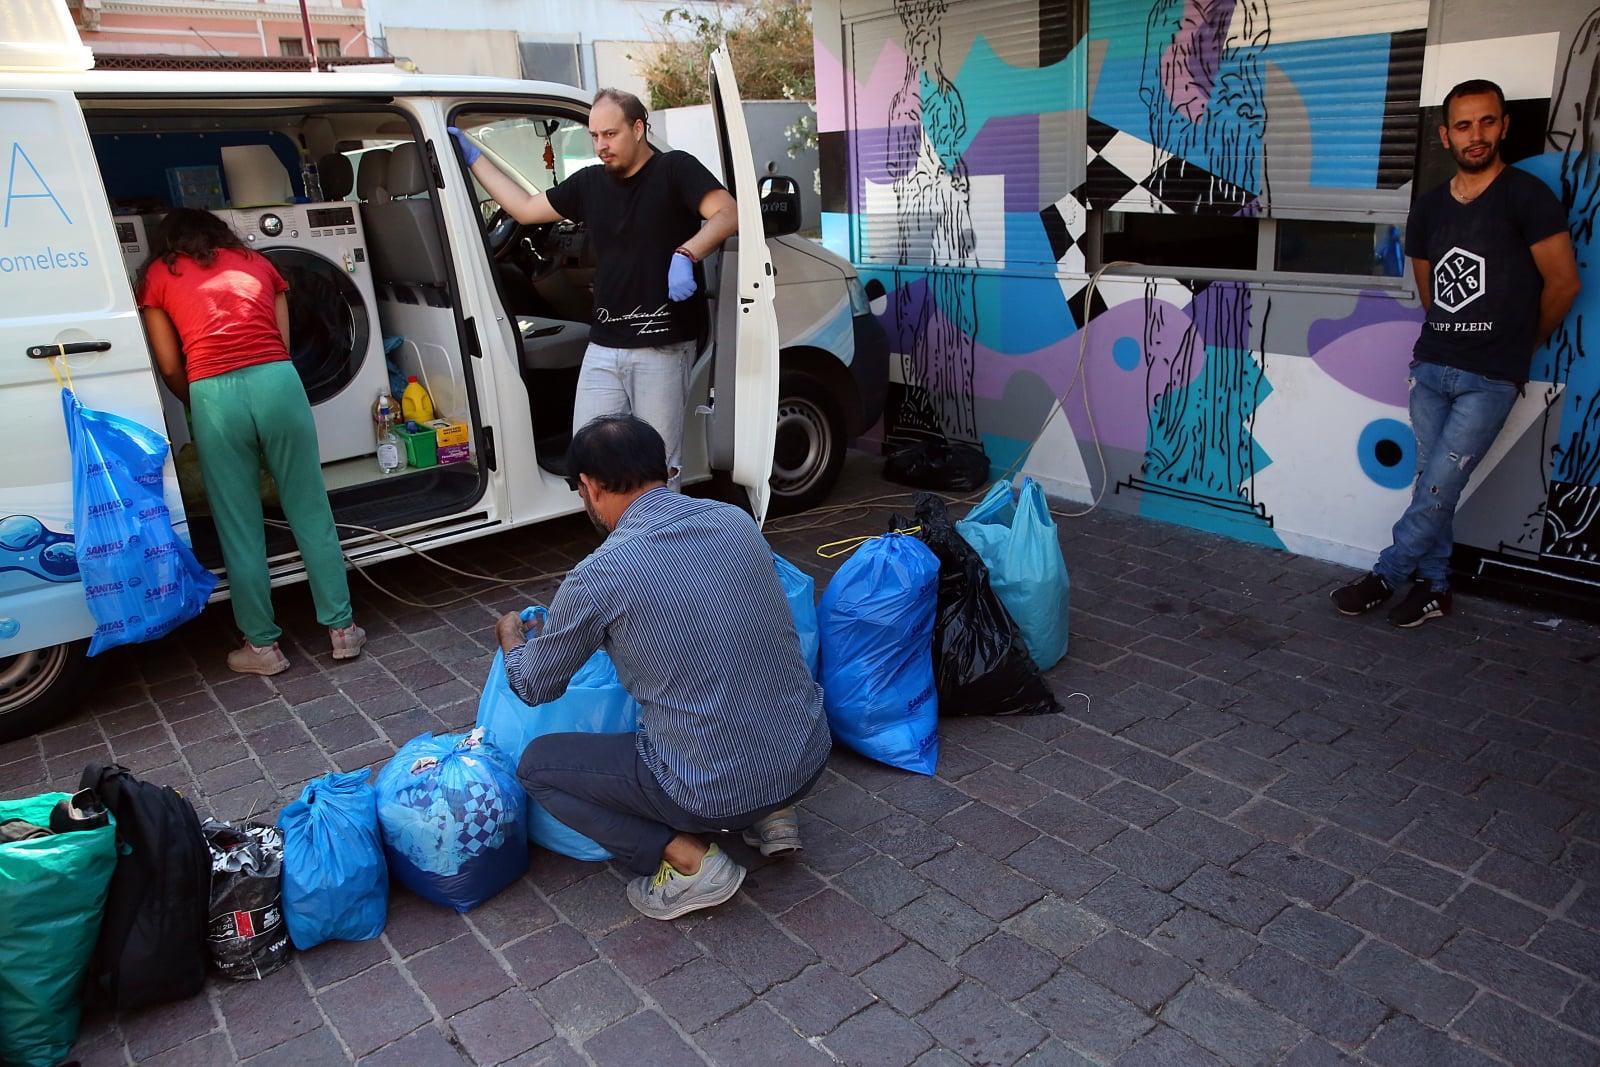 Pralnia dla bezdomnych w Grecji fot. EPA/ORESTIS PANAGIOTOU